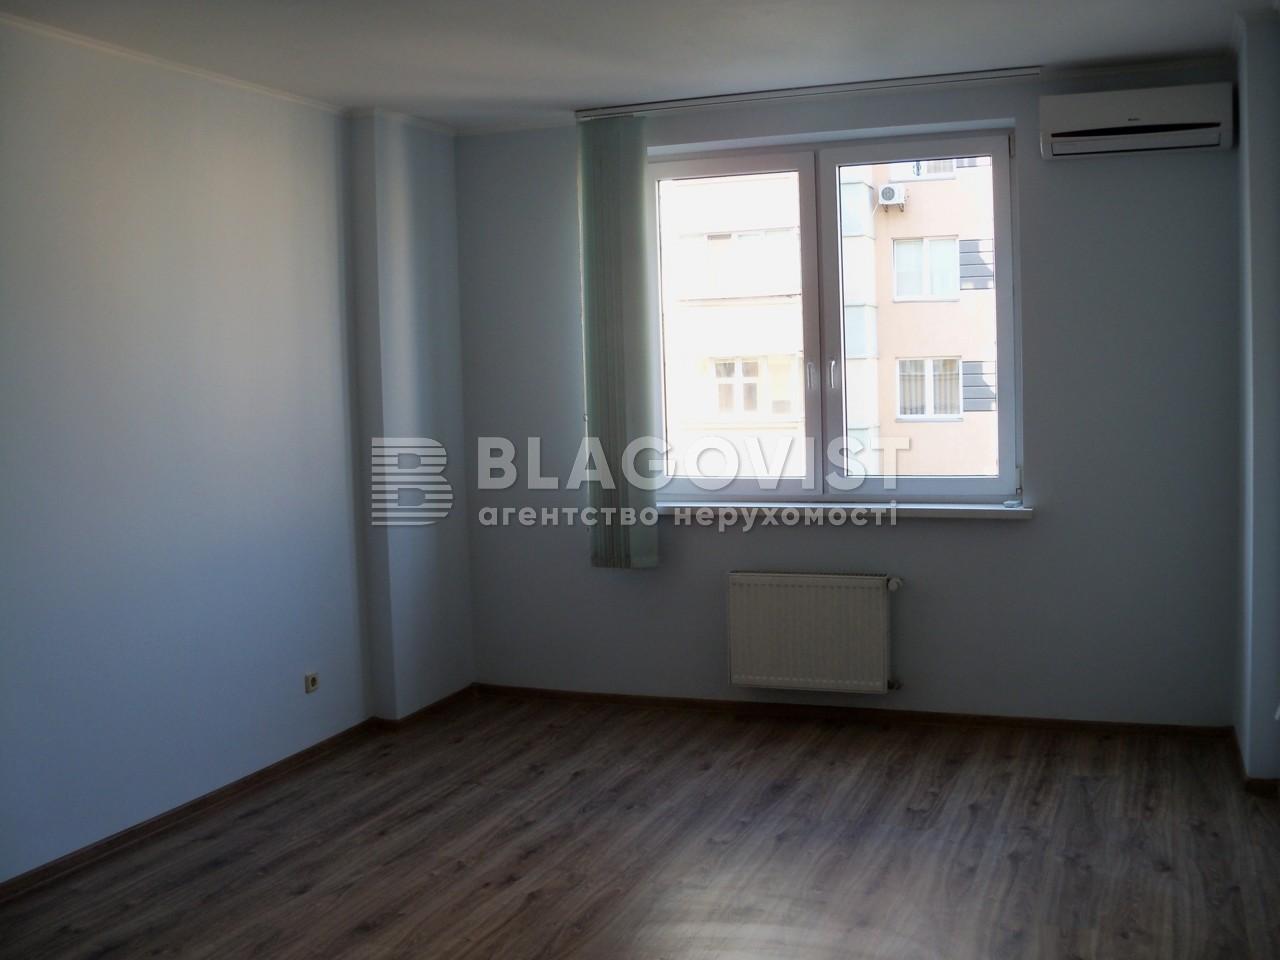 Нежитлове приміщення, A-107853, Окіпної Раїси, Київ - Фото 7